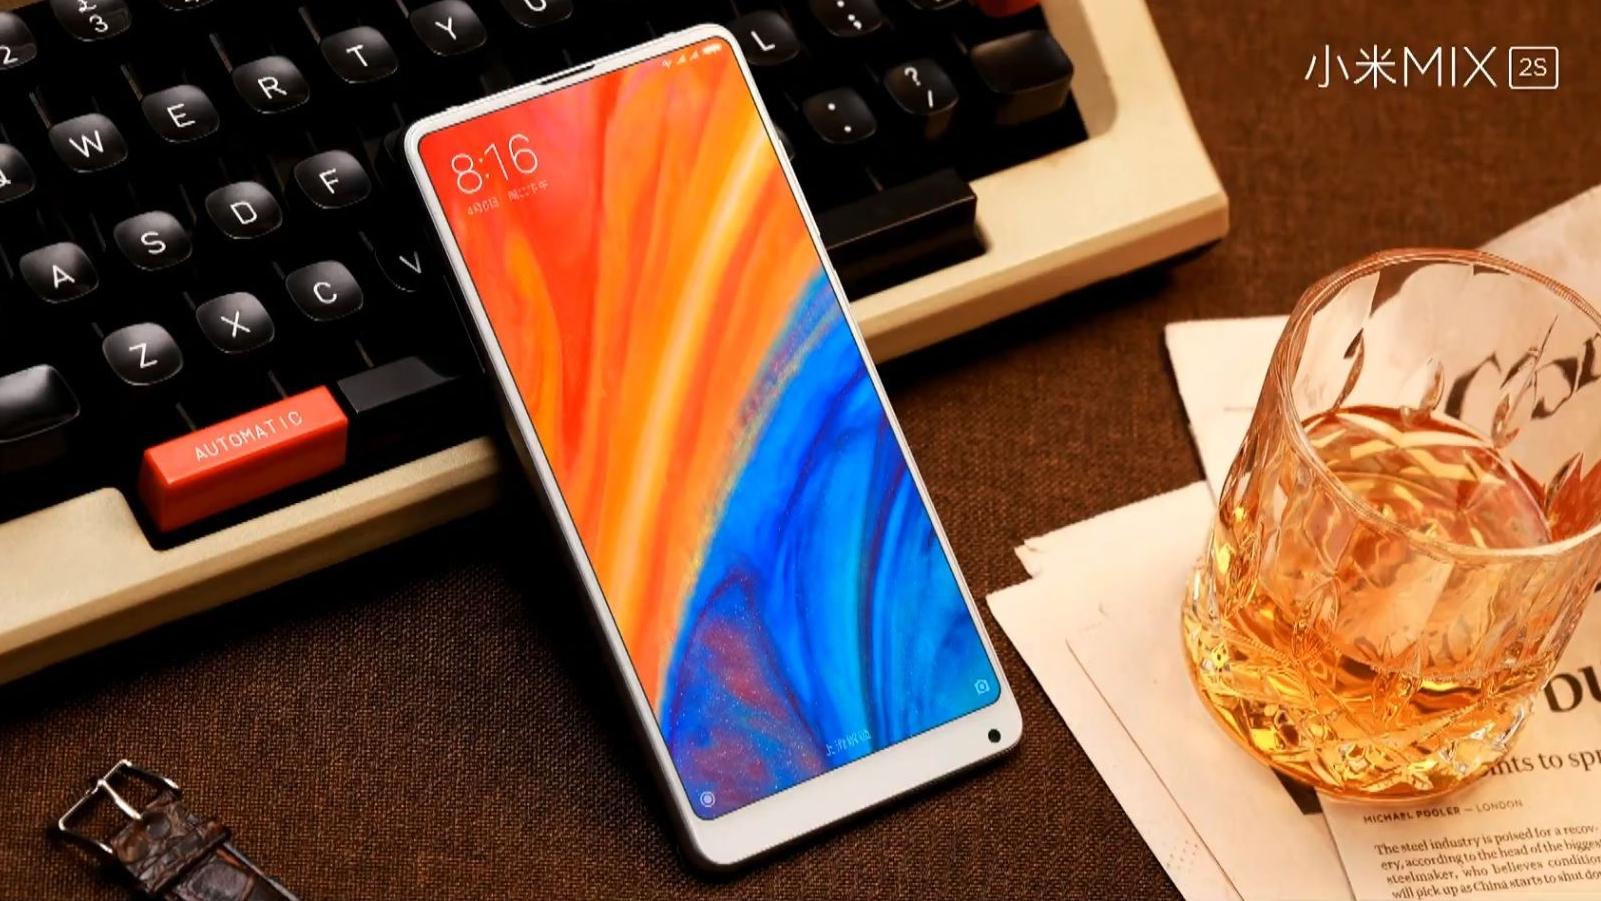 Xiaomi Mi MIX 2S è ufficiale: specifiche, prezzi e disponibilità thumbnail